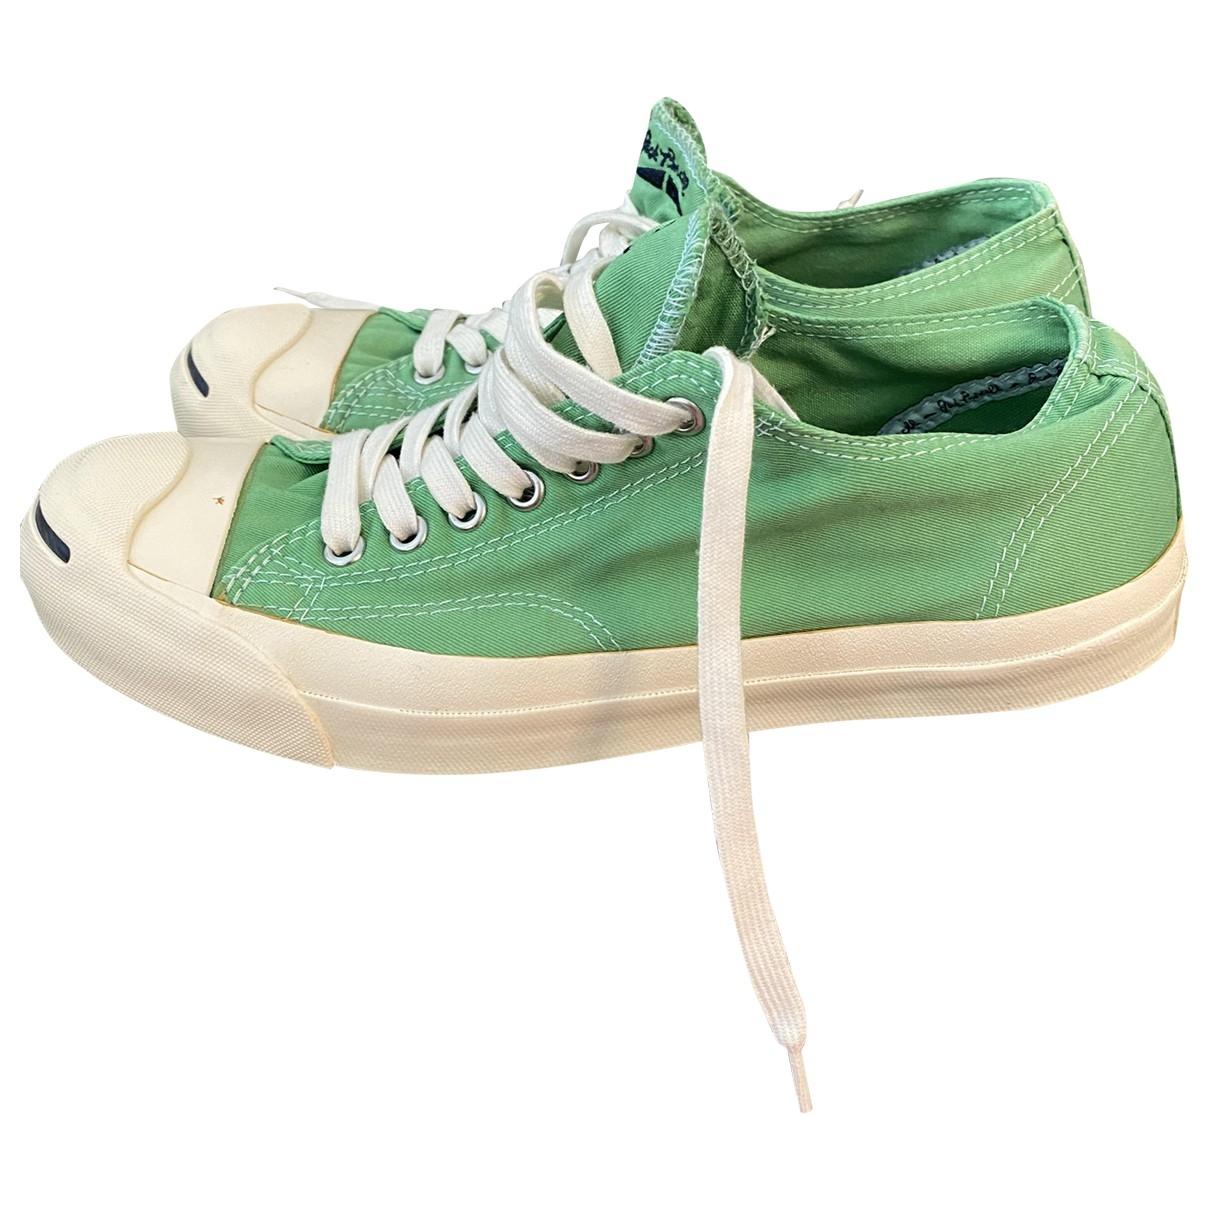 Converse - Baskets   pour homme - vert